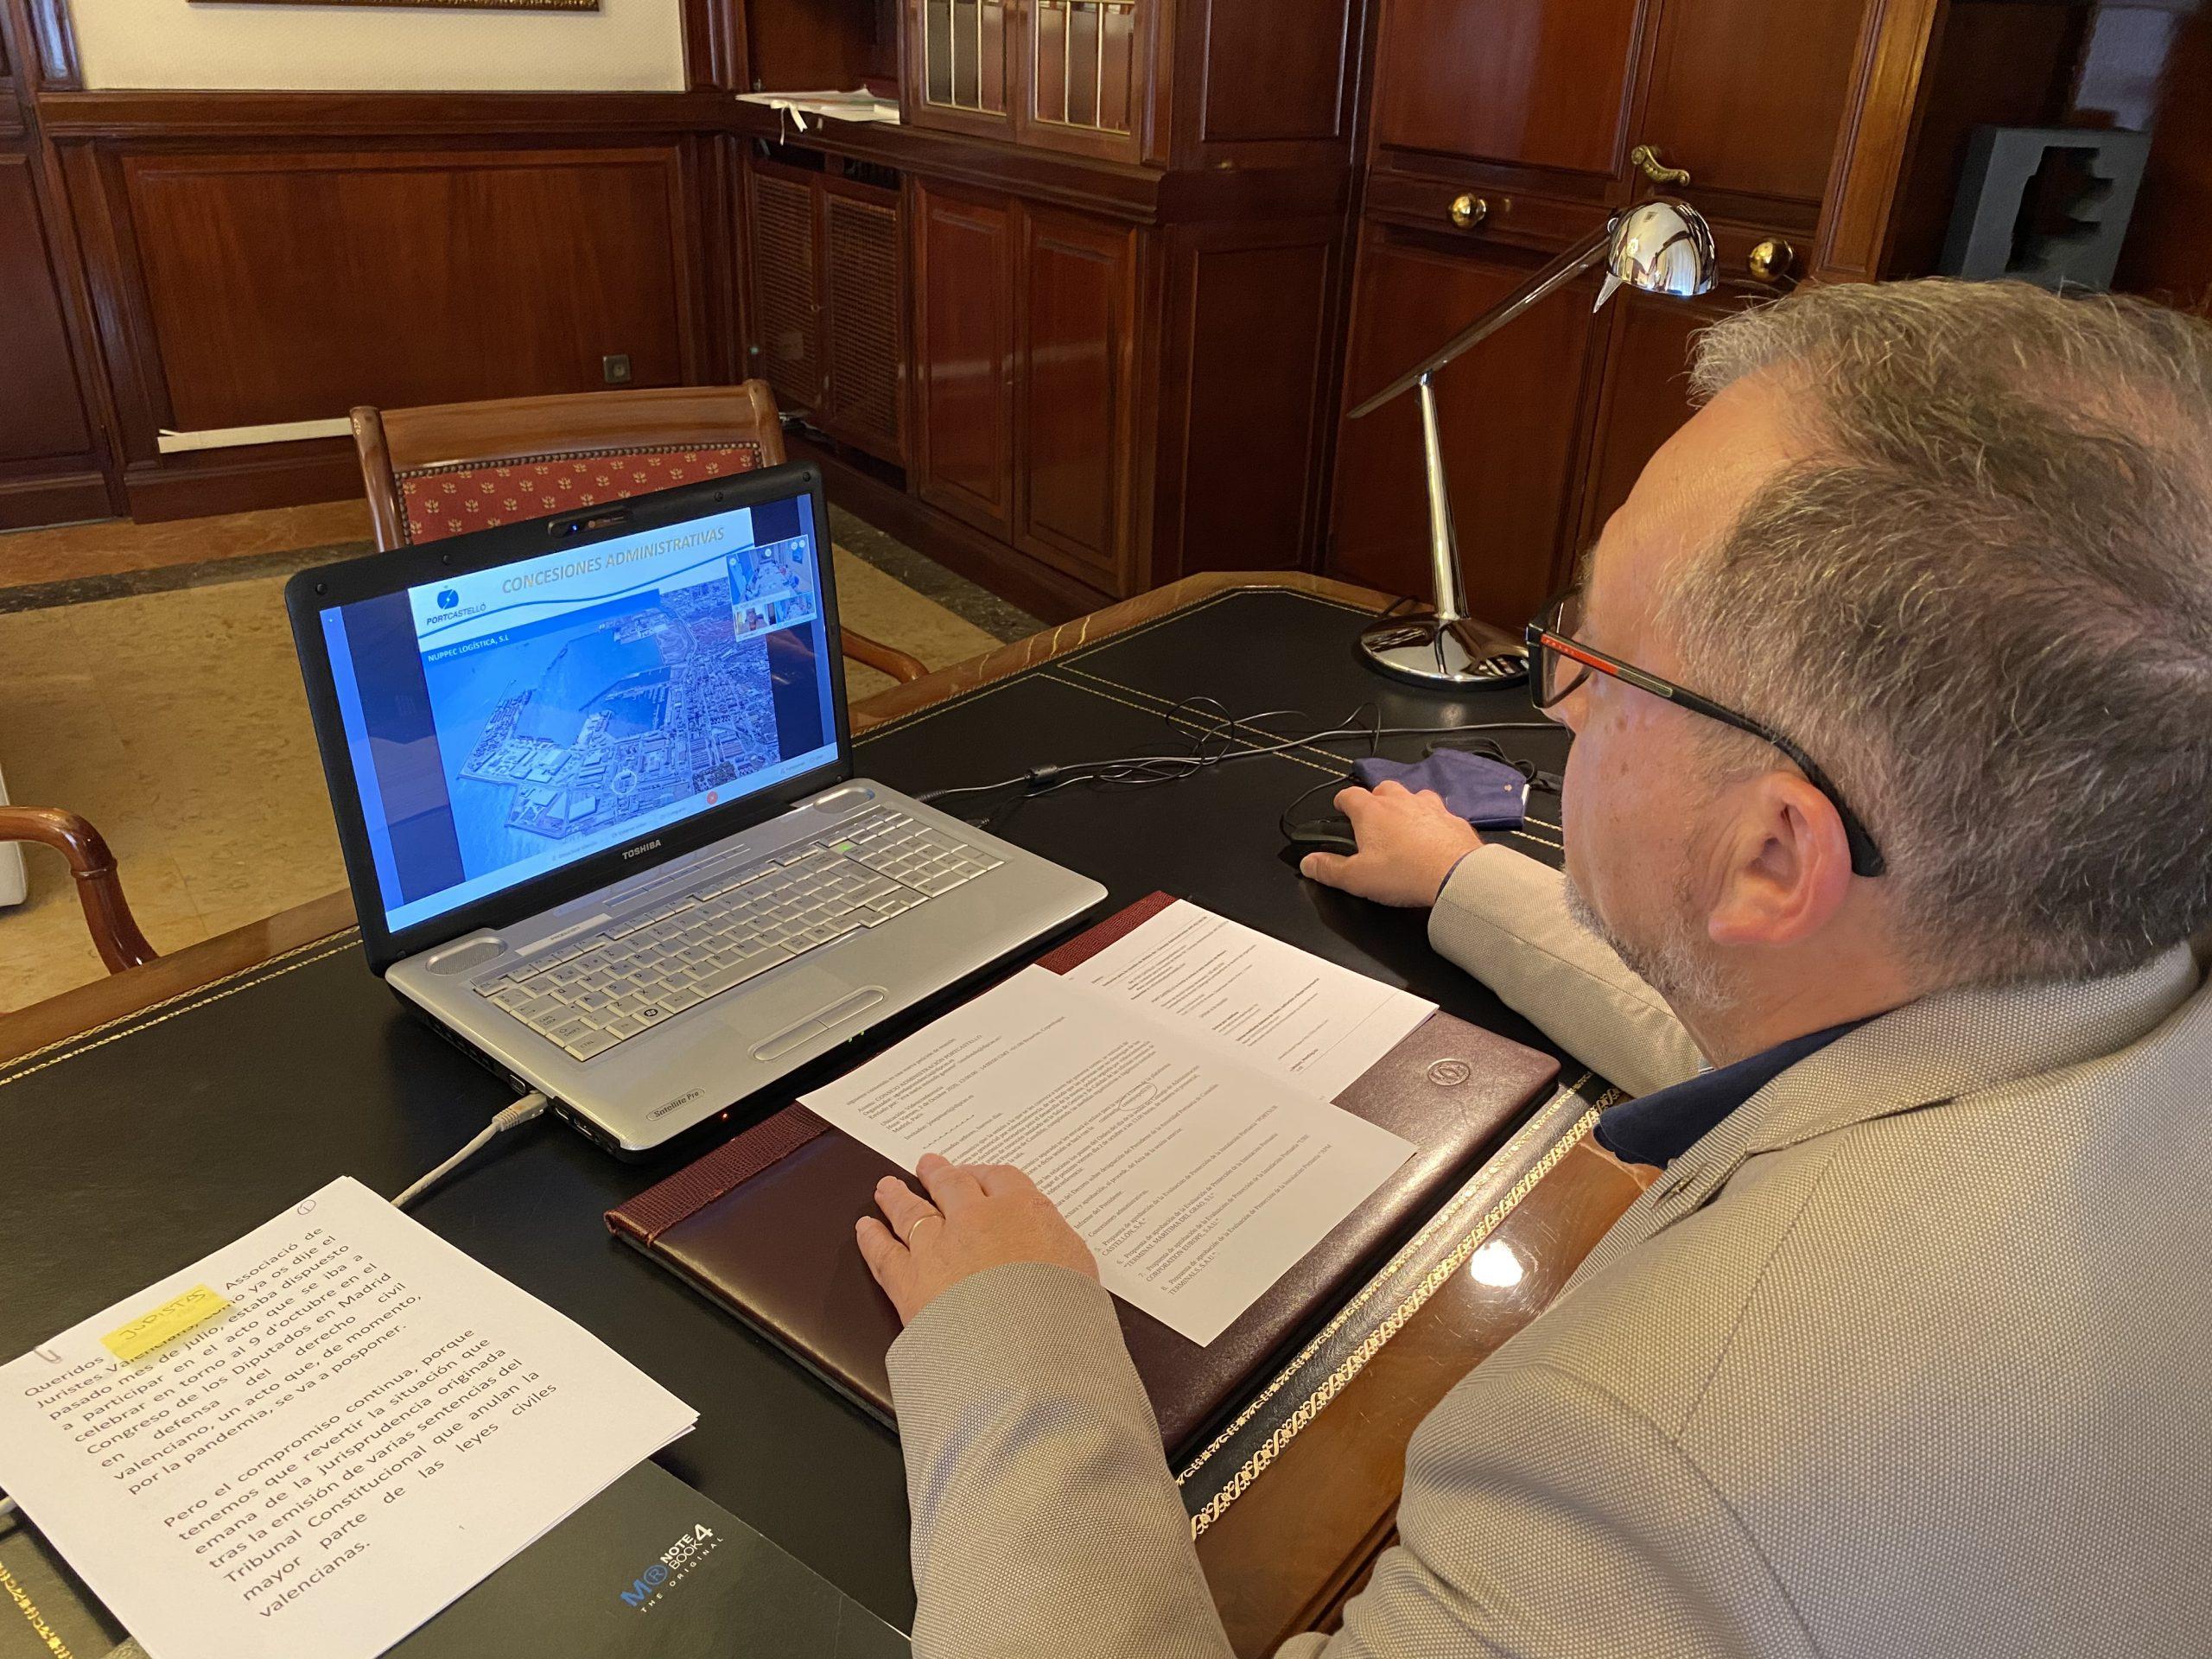 Martí asiste al Consejo de Administración de PortCastelló, invitado por el presidente de la Autoridad Portuaria, Rafa Simó